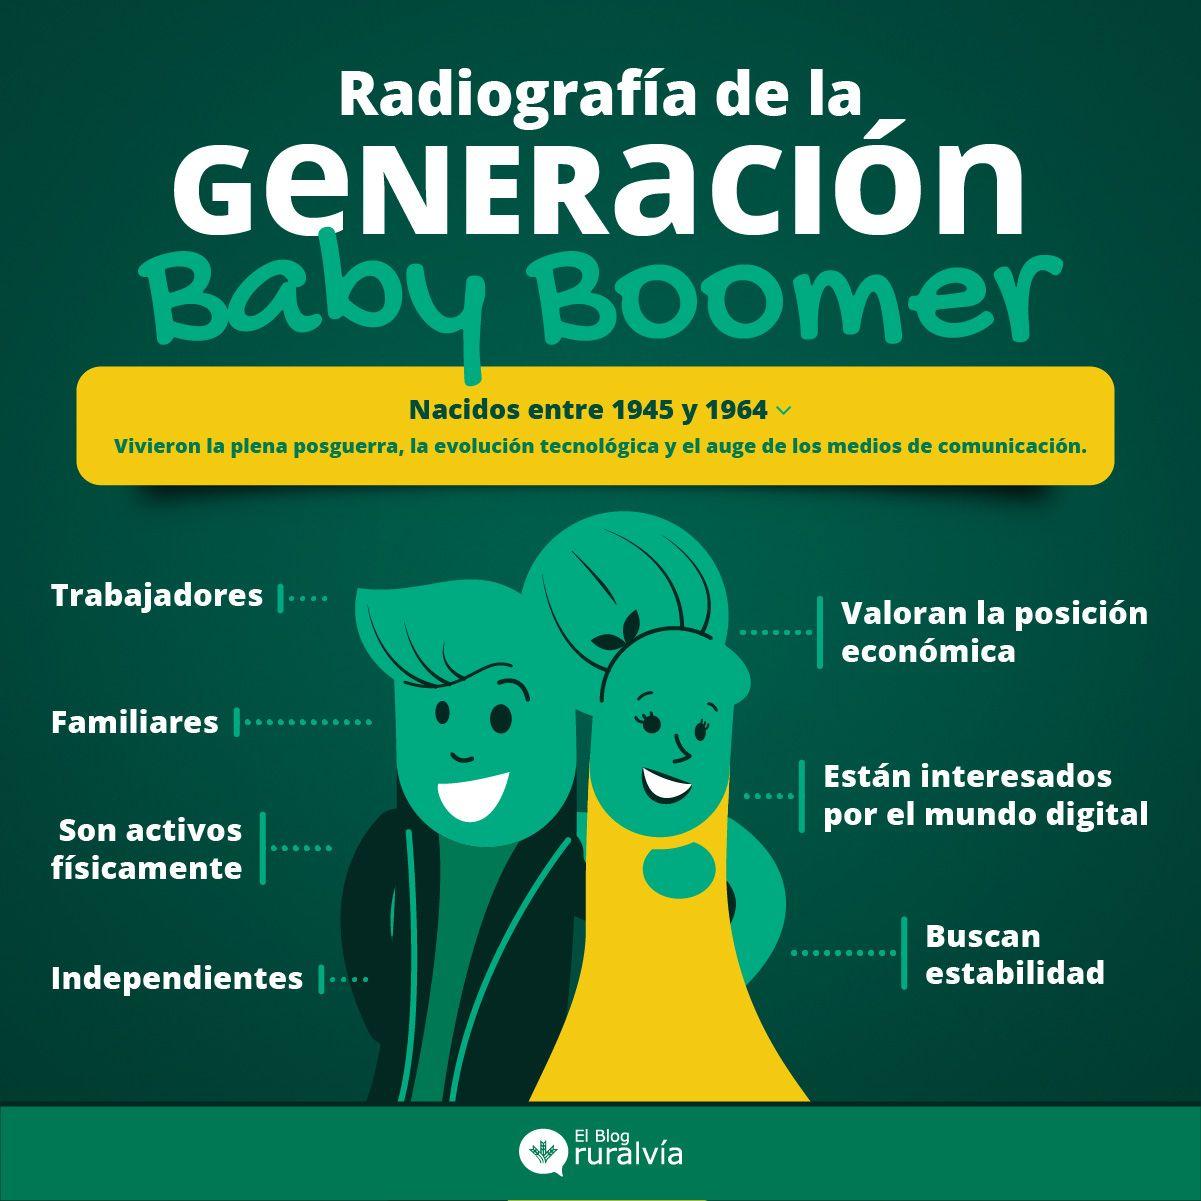 Radiografía de la generación Baby Boomer